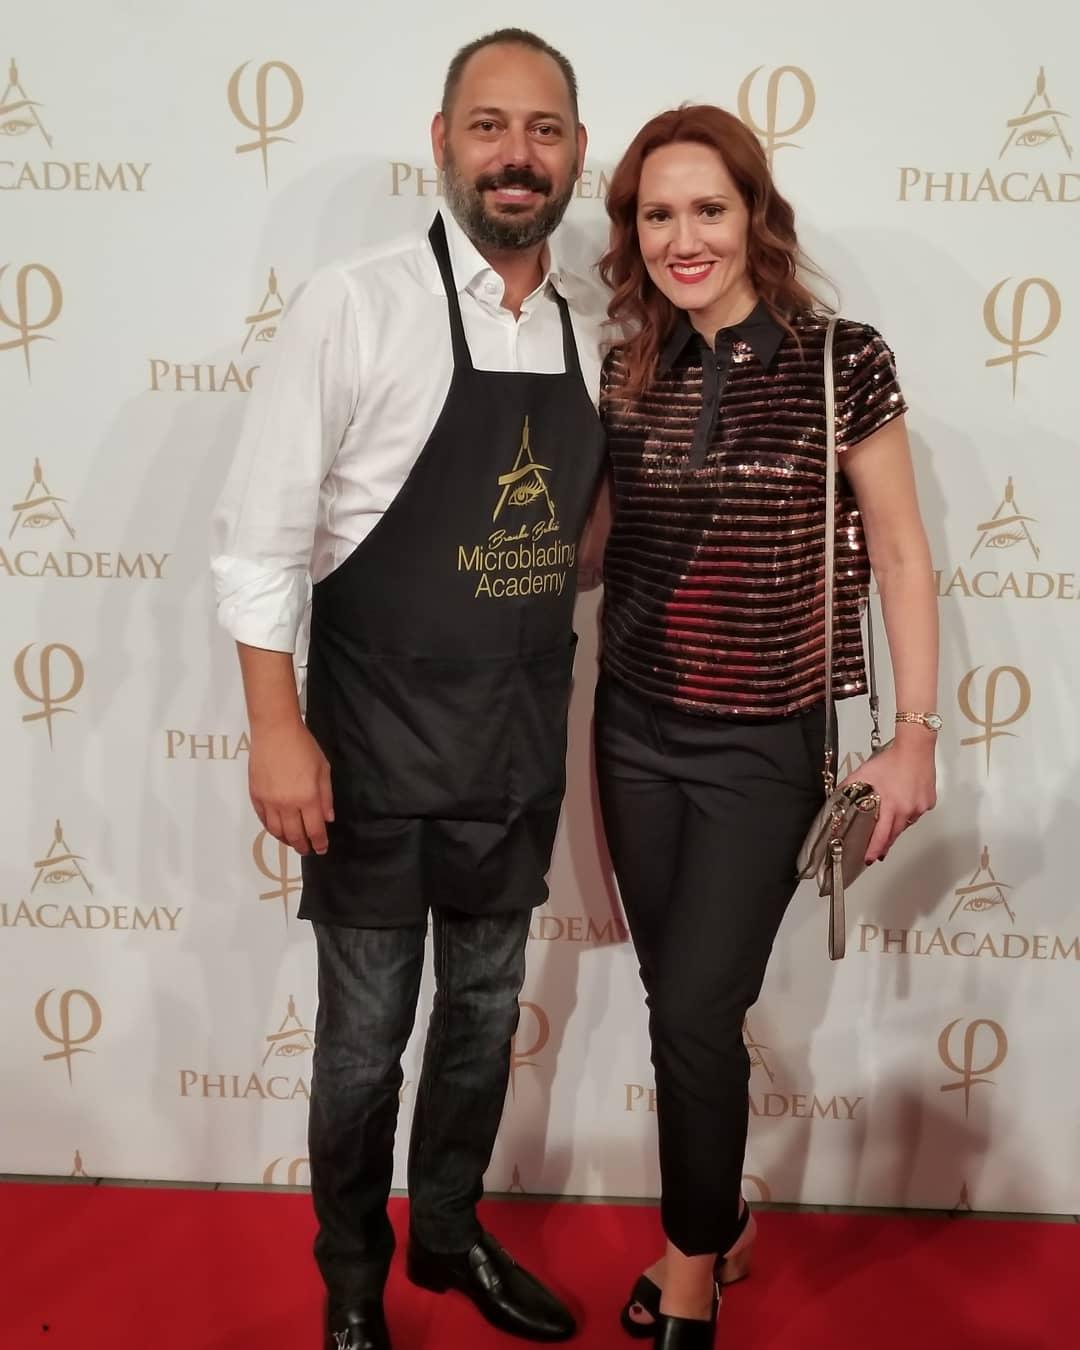 Alesya with Branko Babic - PhiAcademy